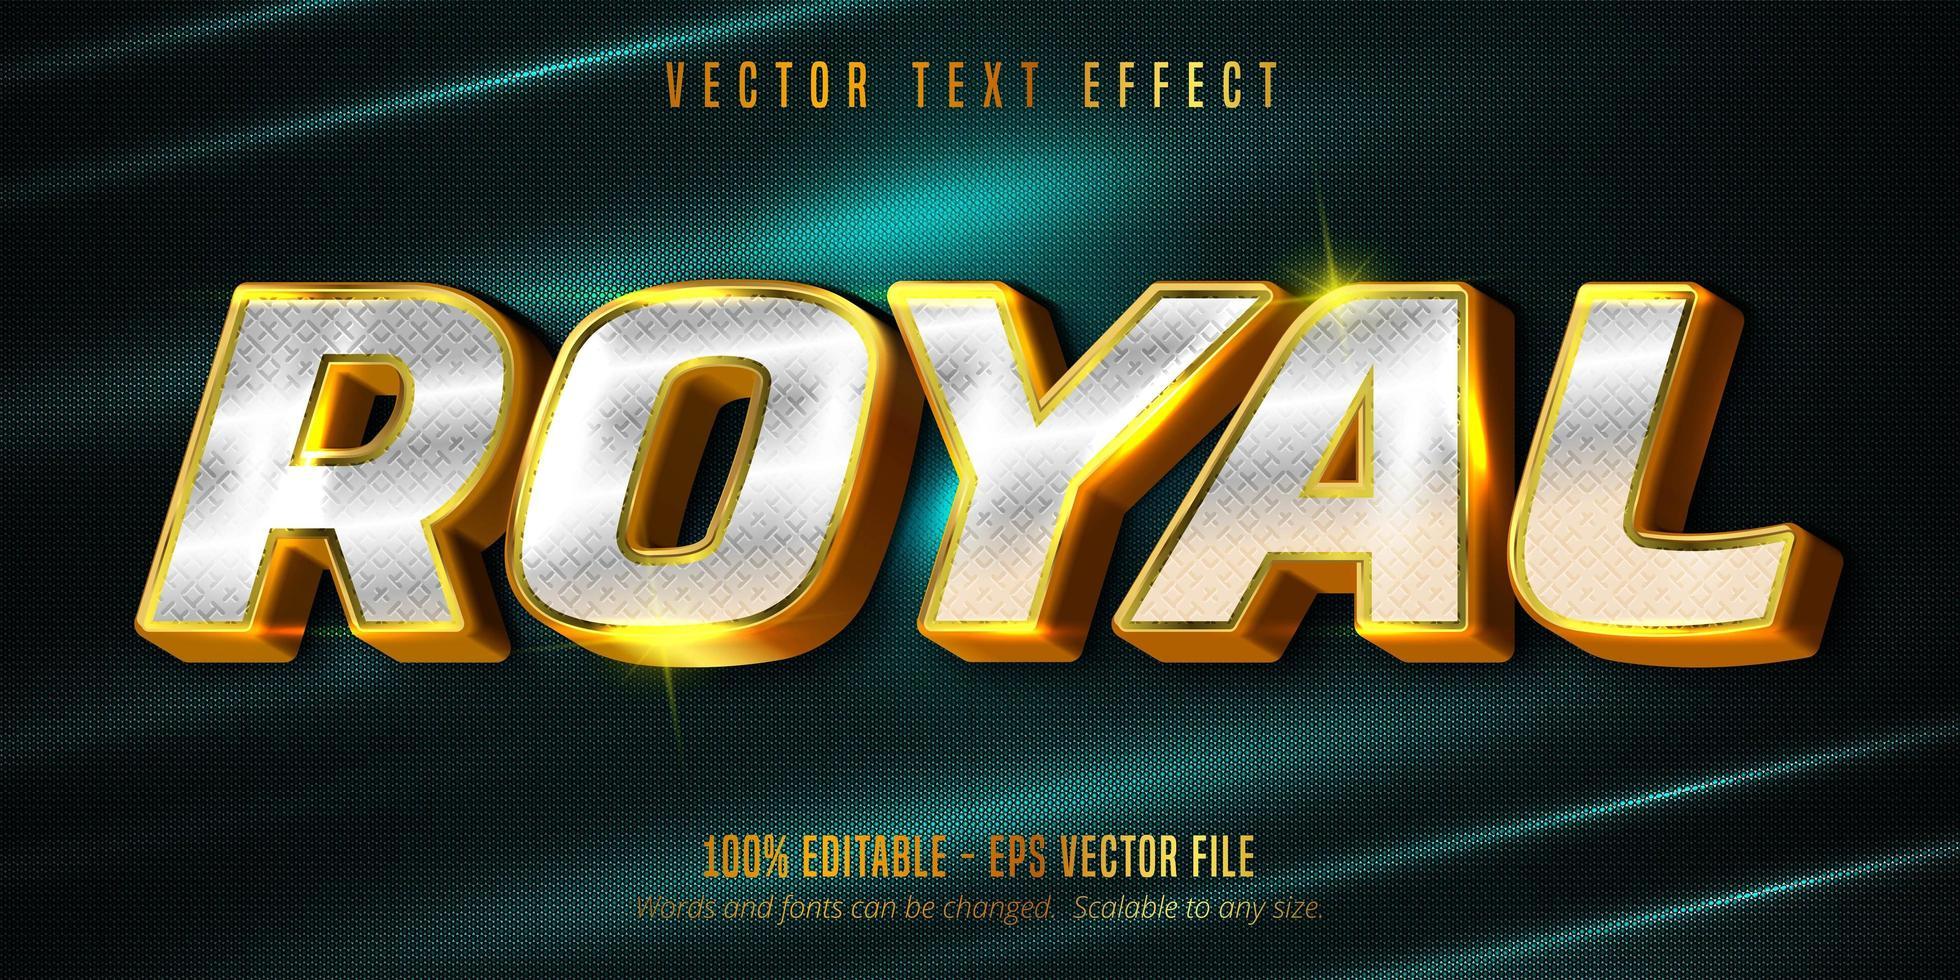 efecto de texto editable real sobre fondo texturizado vector